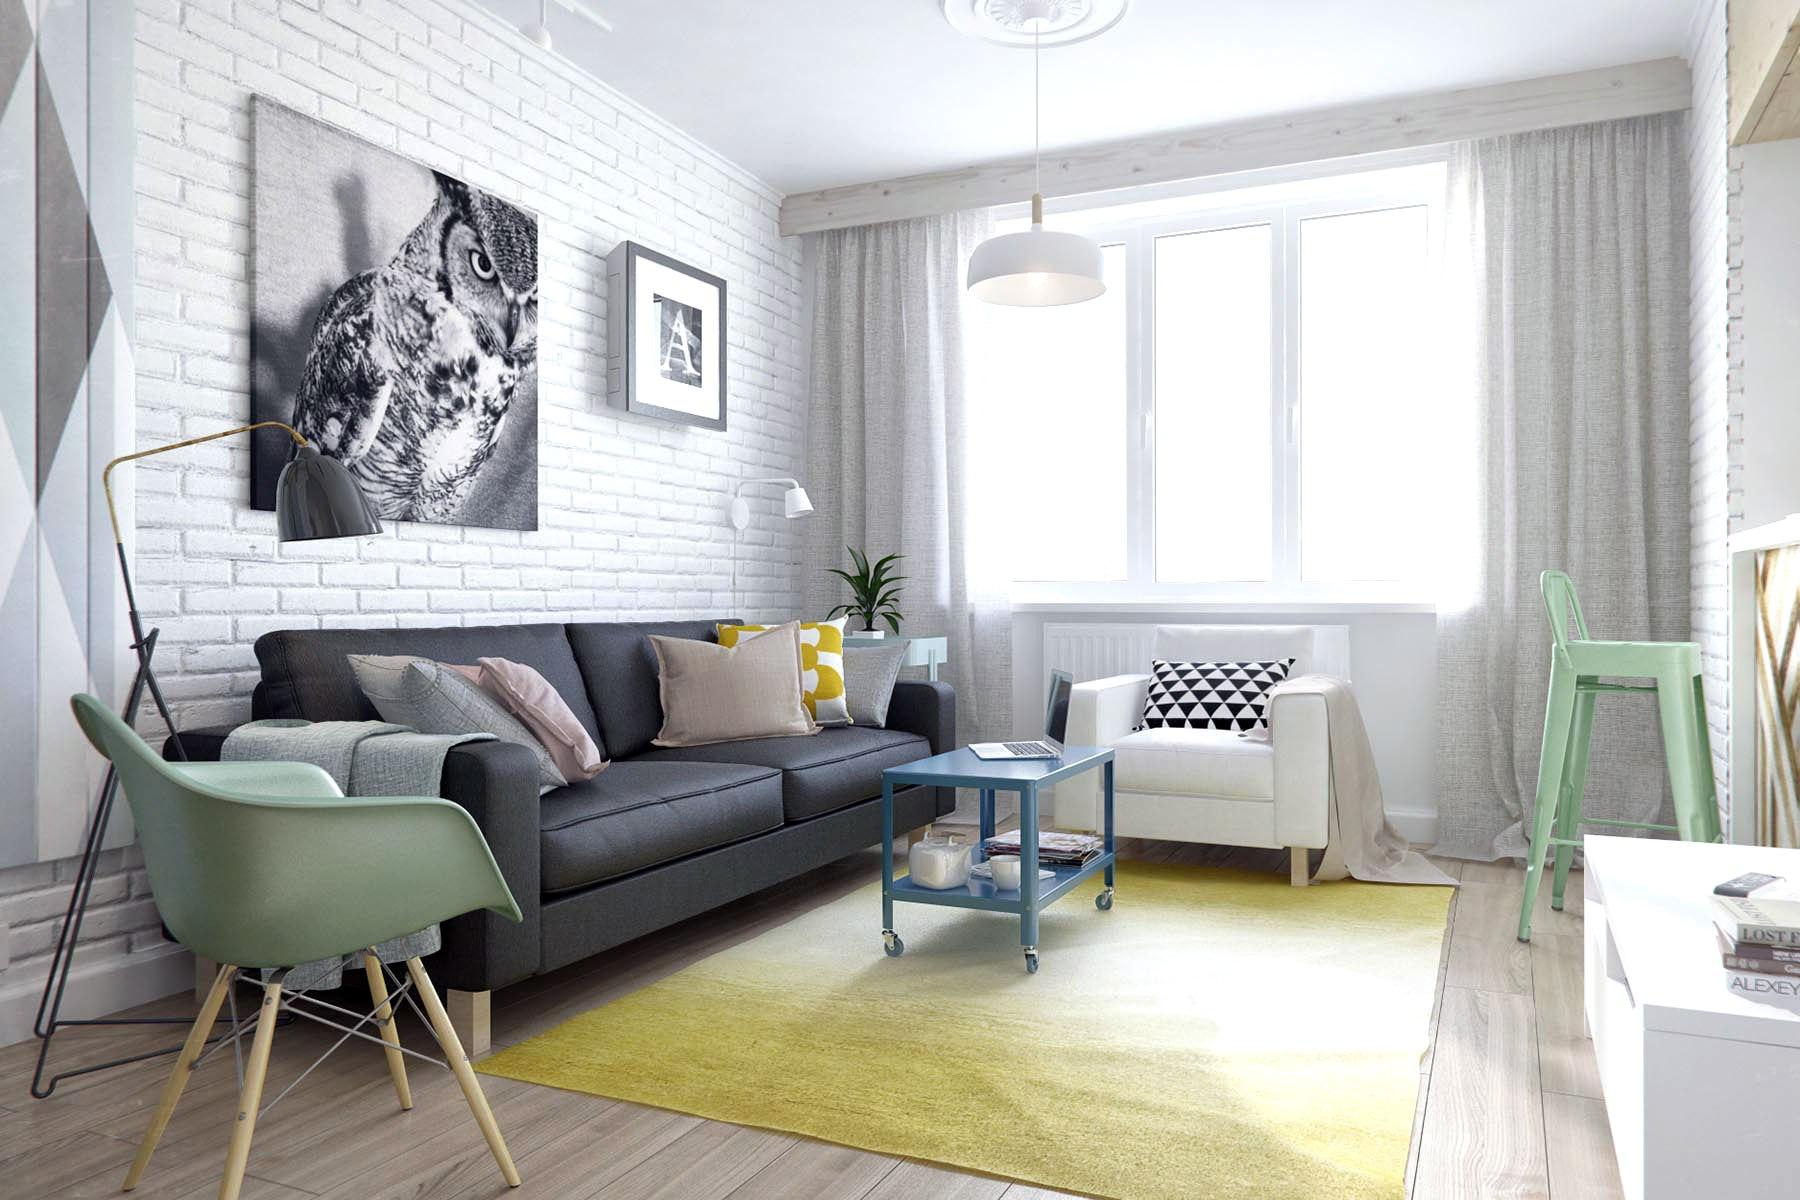 Muebles para una casa peque a ideas para decorar interiores - Carcoma en los muebles ...